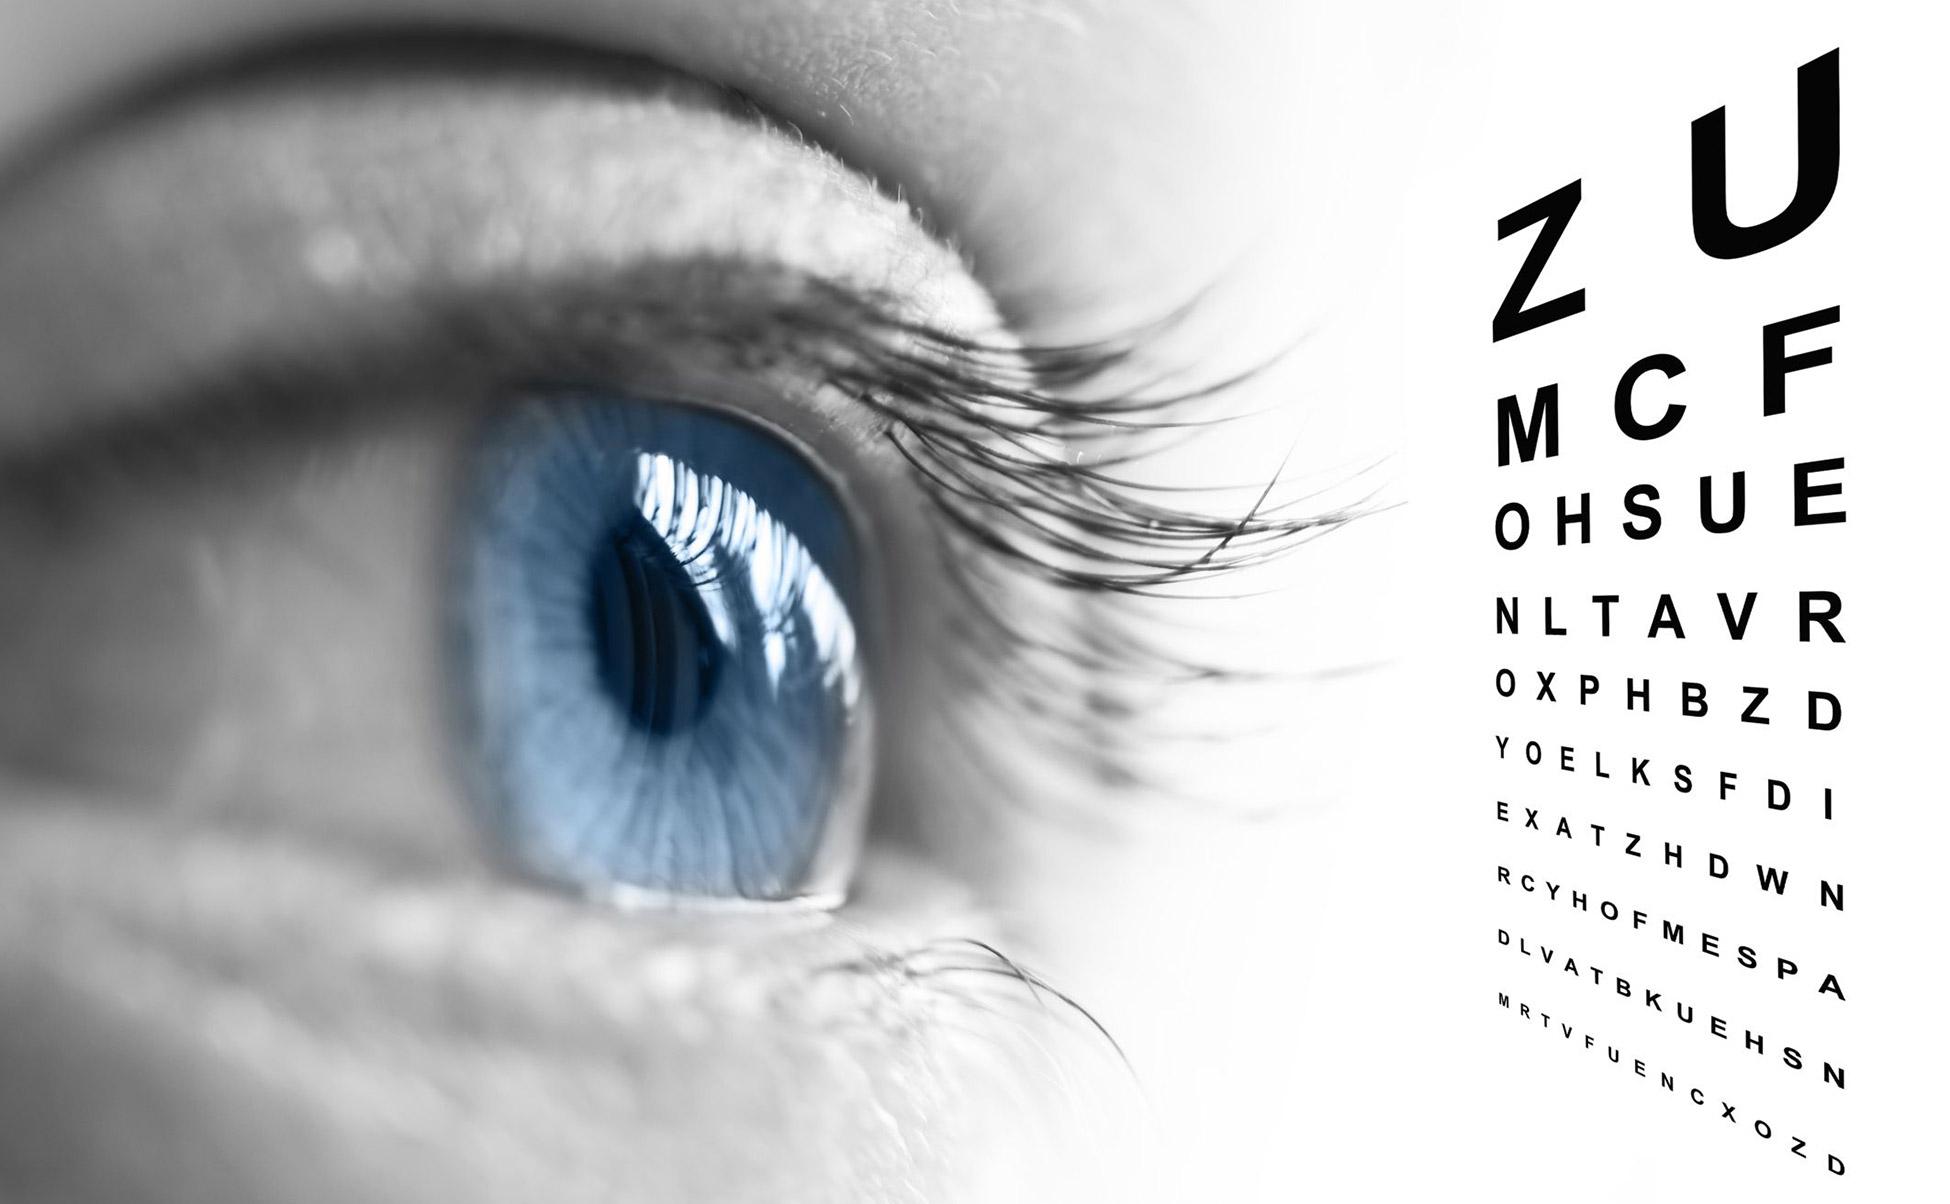 dott. Marcello Minicucci - specialista in oculistica